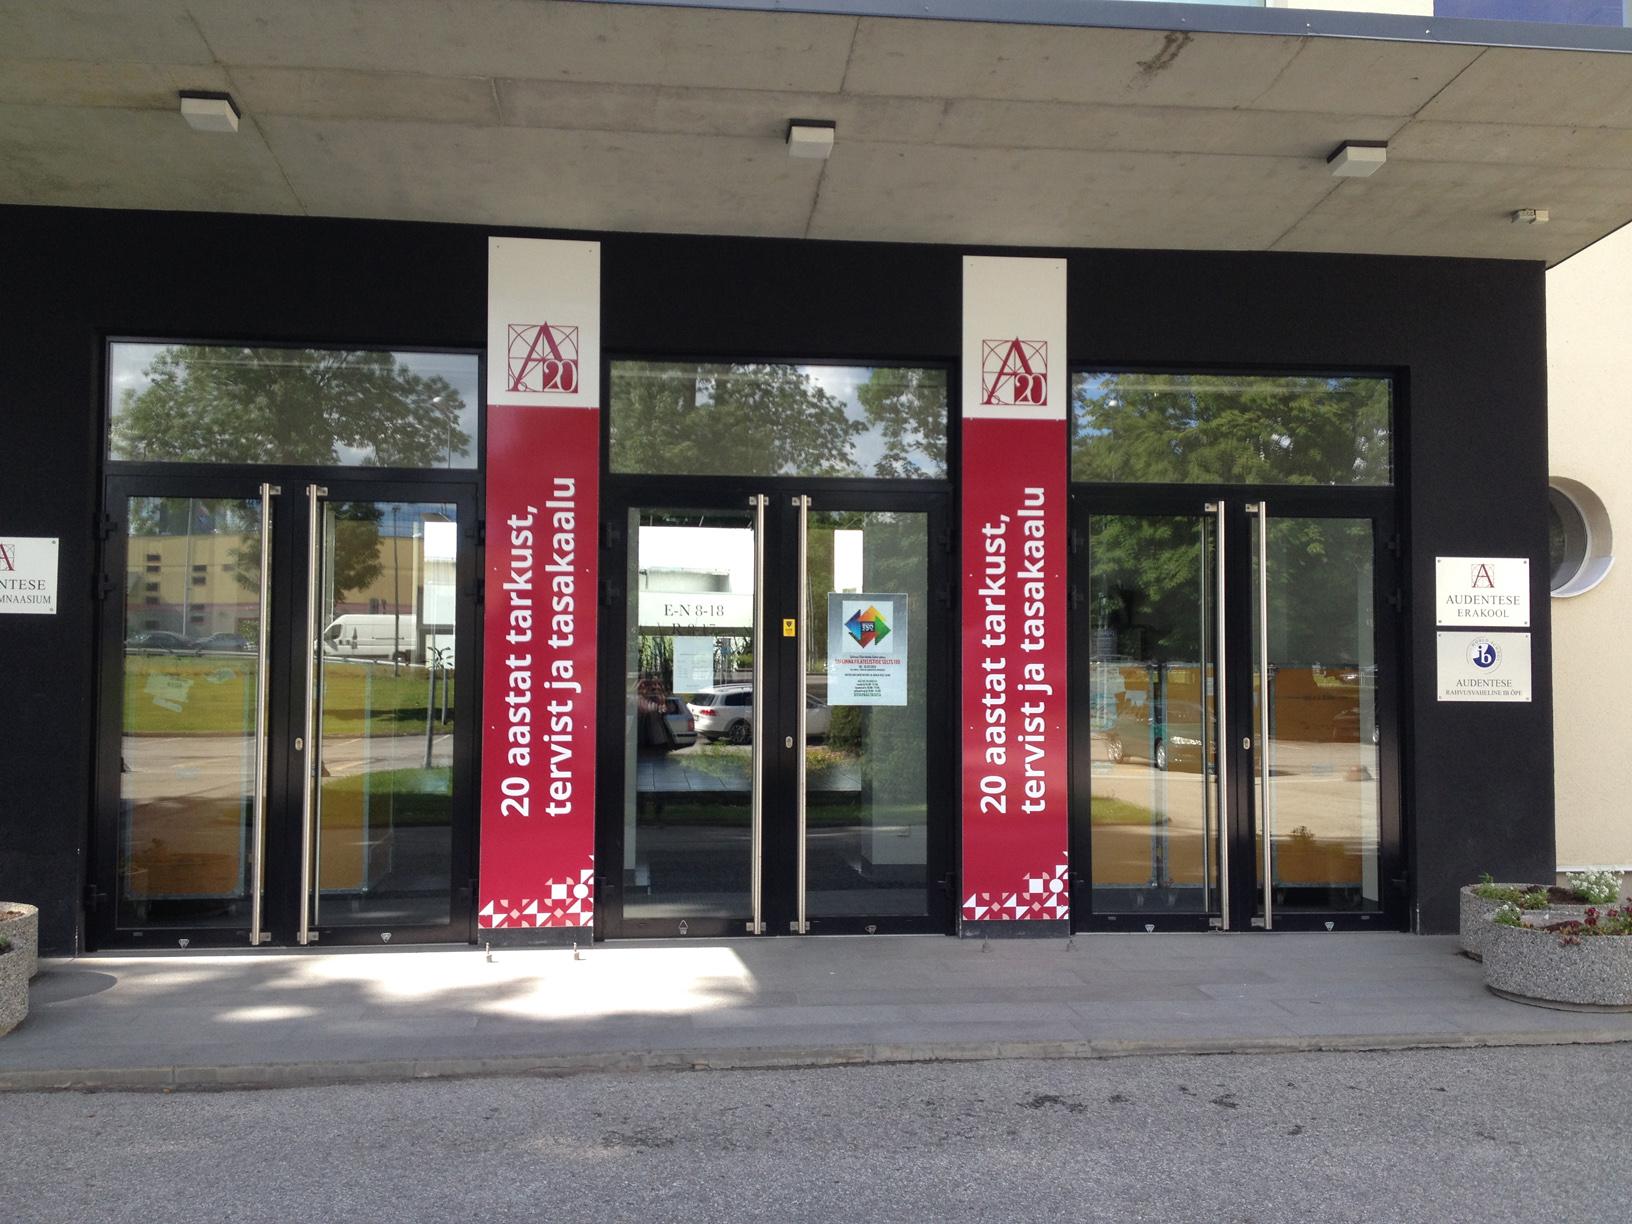 Главный вход школы Audentes, где проходила выставка «110 лет Таллинскому обществу филателистов»